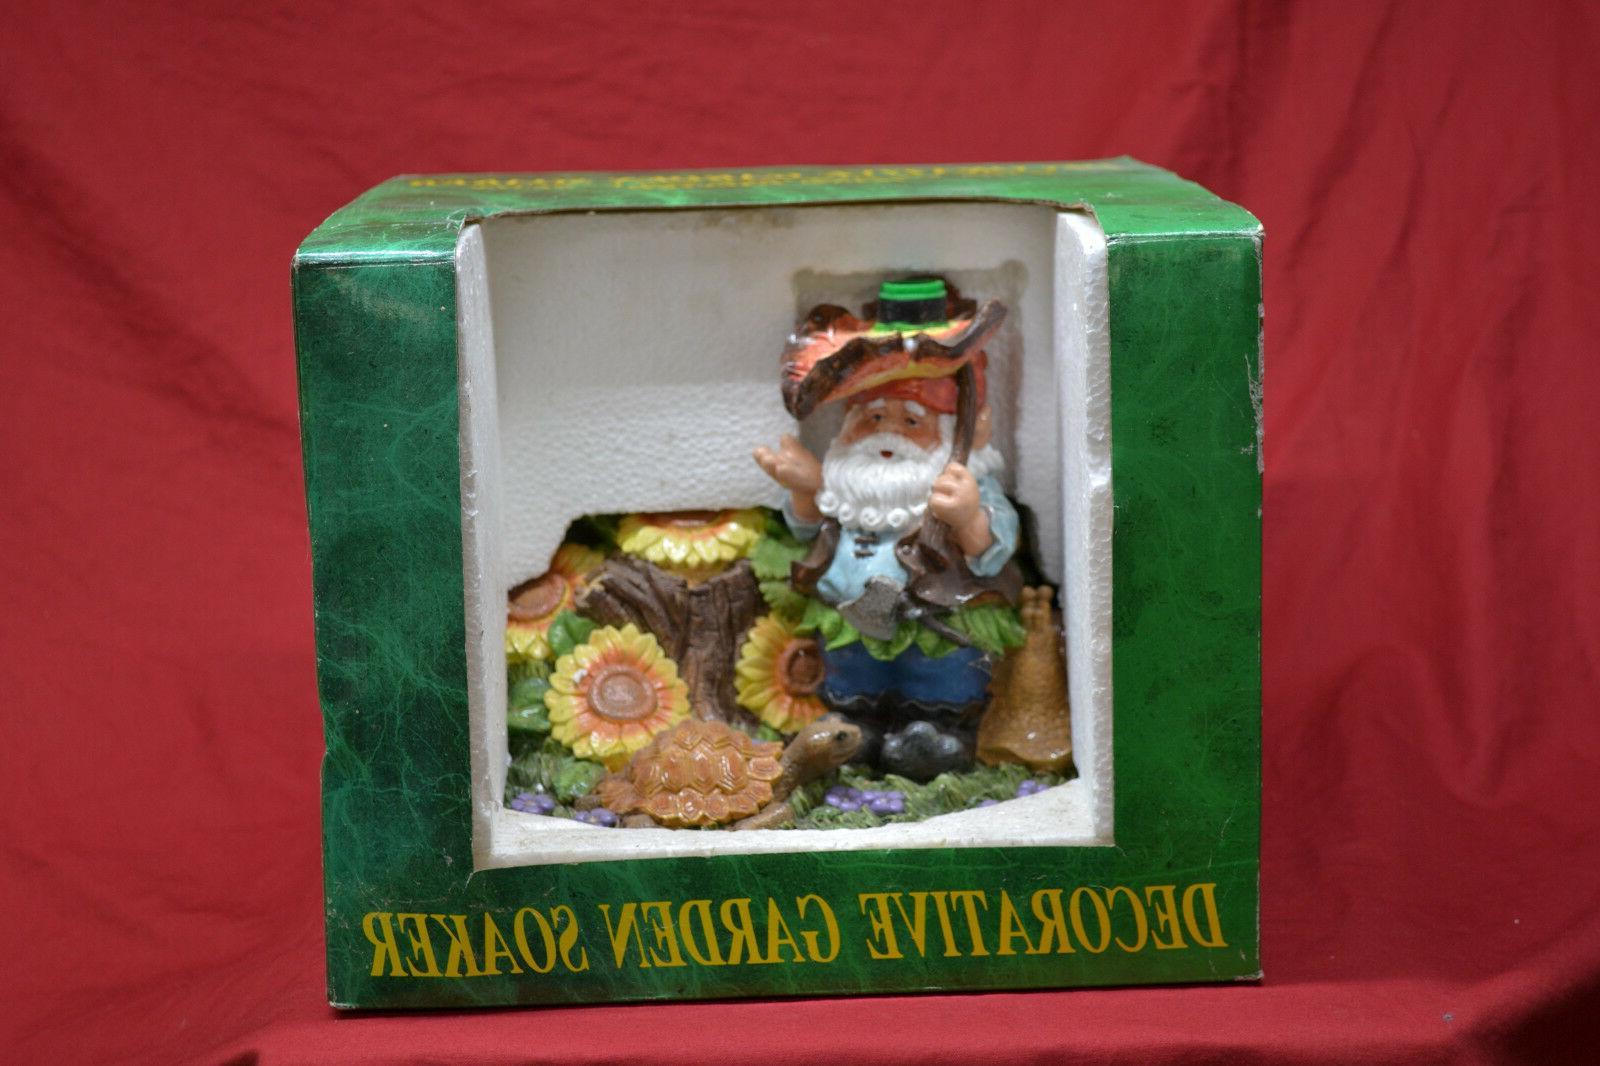 Decorative Gnome Lawn Soaker Outdoor * BRAND NEW